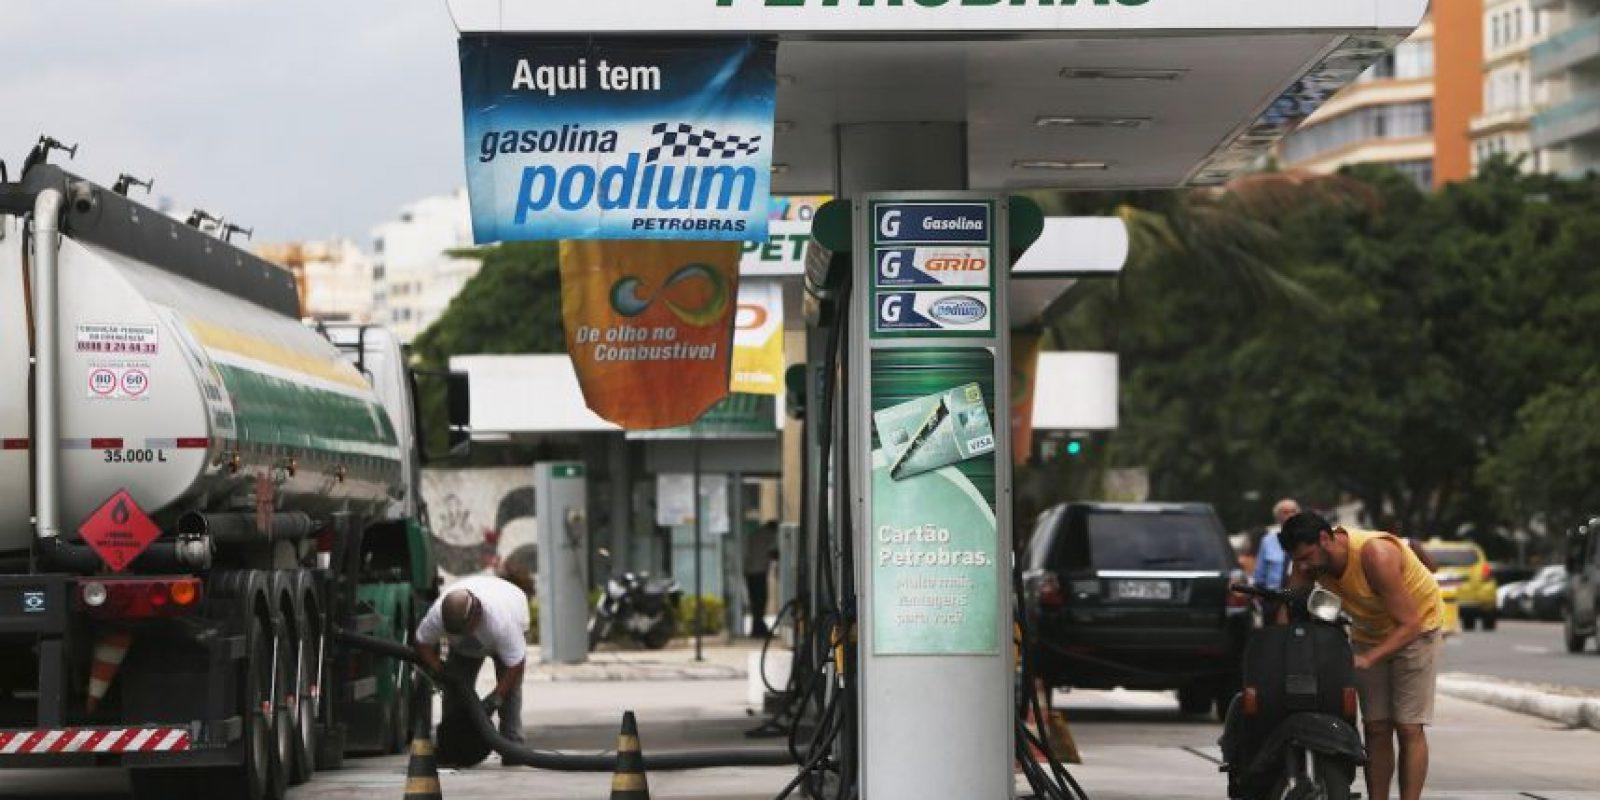 Petrobras es una empresa petrolera brasileña de naturaleza semi-pública de propiedad mayoritariamente estatal y con participación extranjera privada. Foto:Getty Images